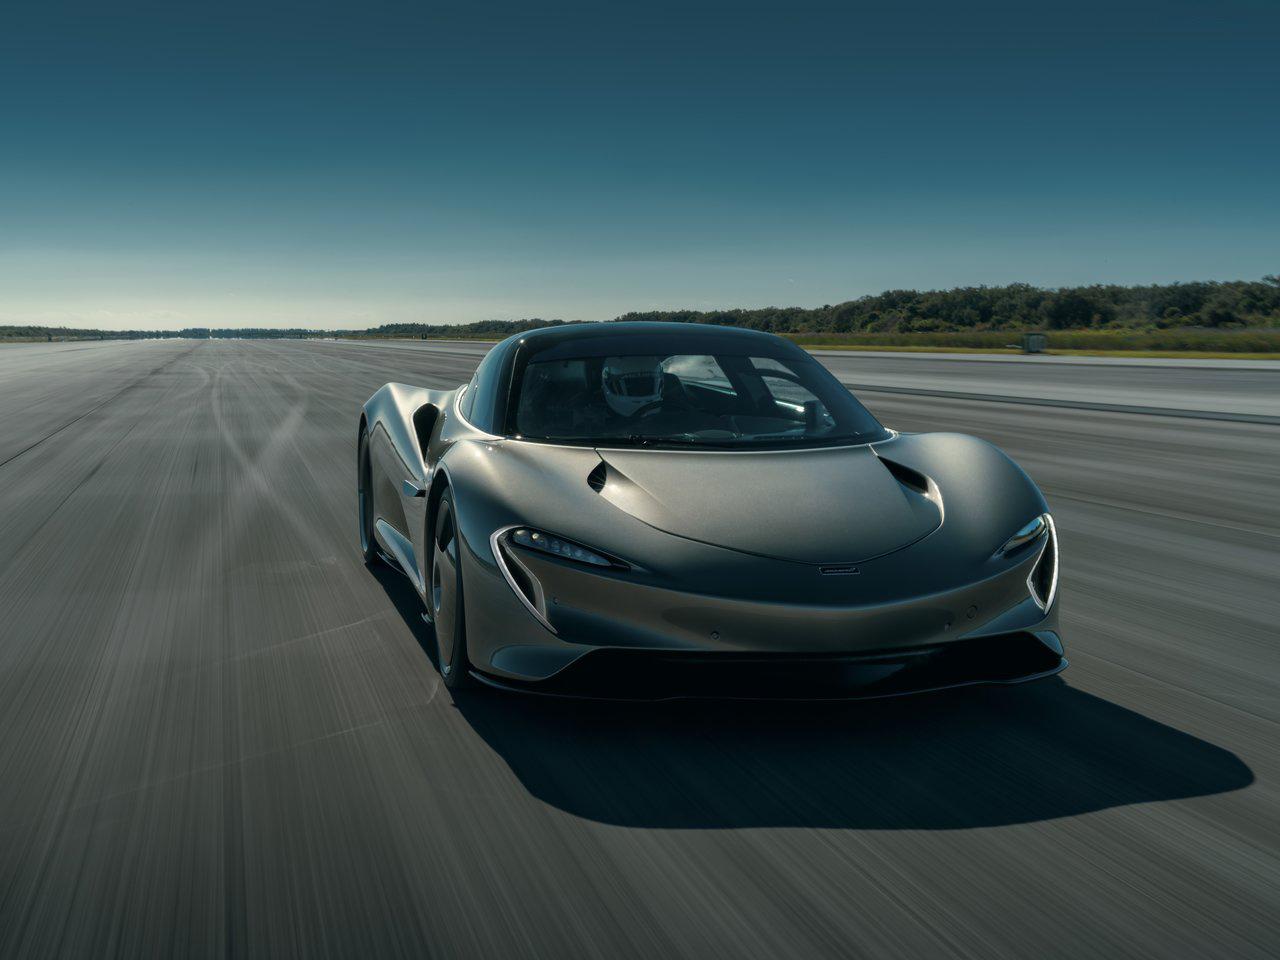 迈凯伦最快车型Speedtail 首批车辆开始交付